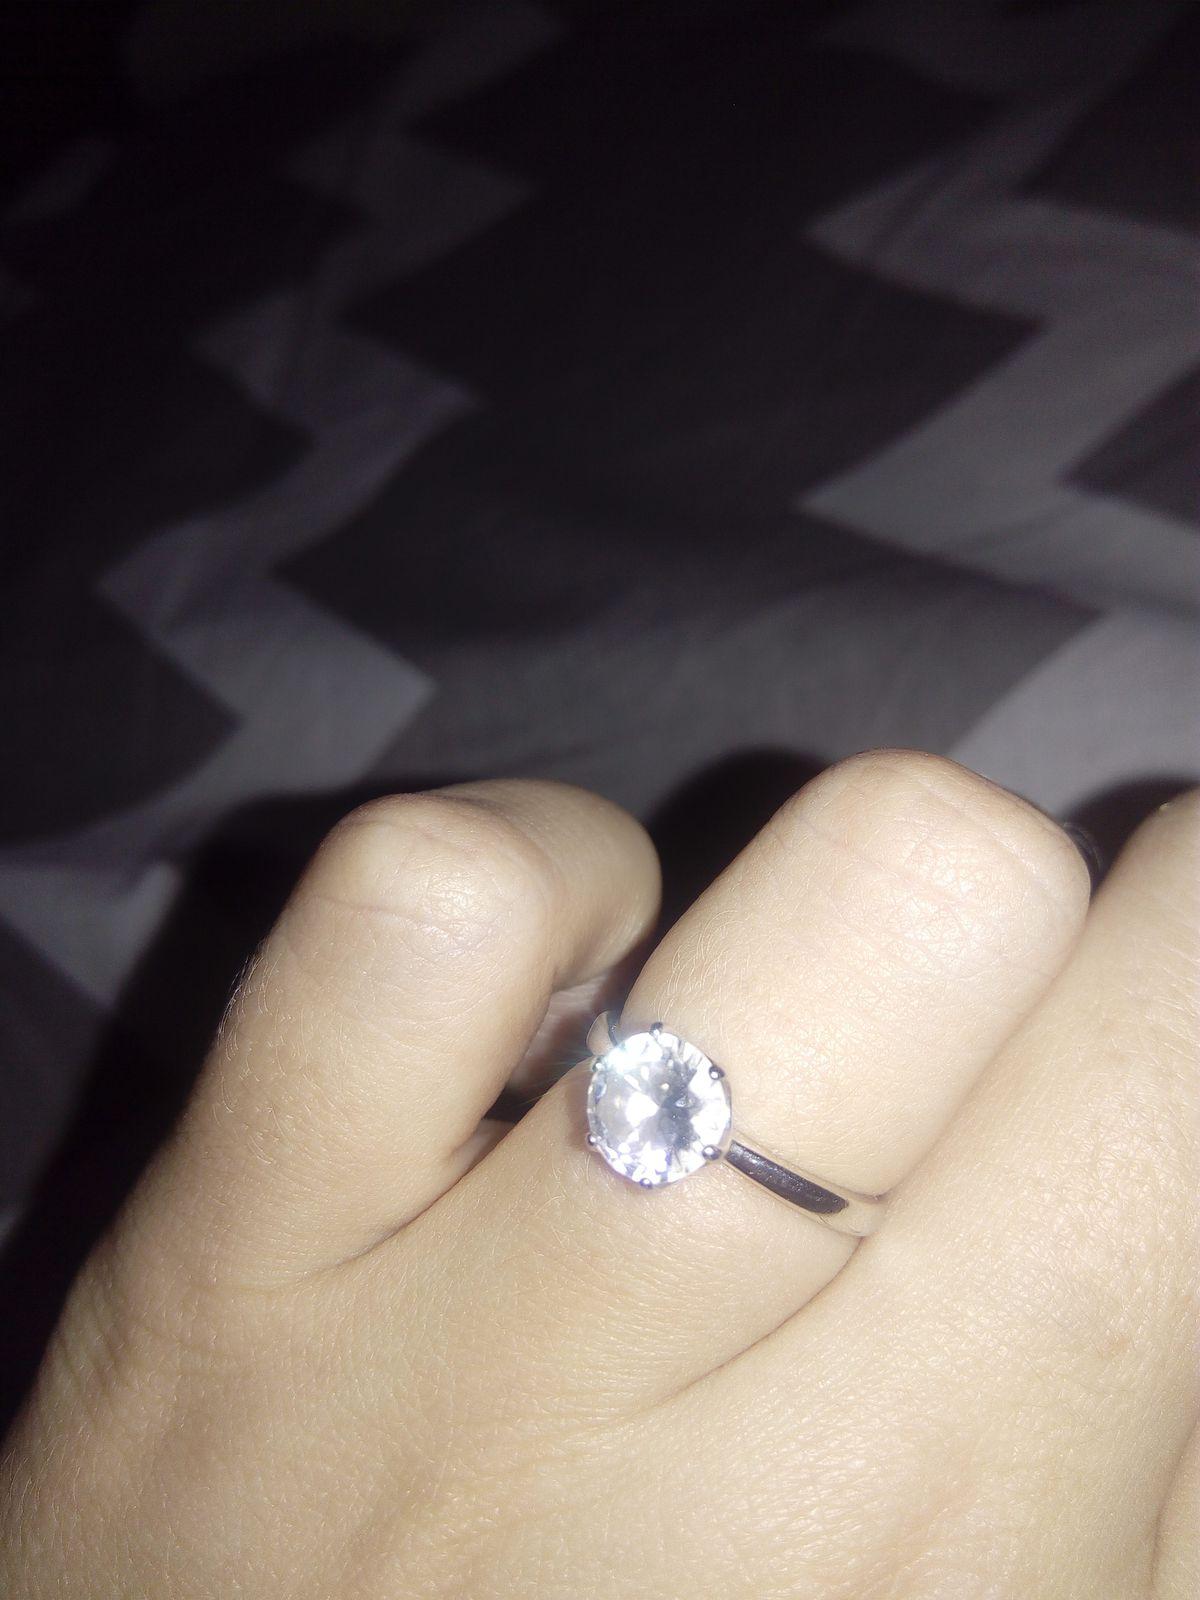 Кольцо очень красивое и утонченное